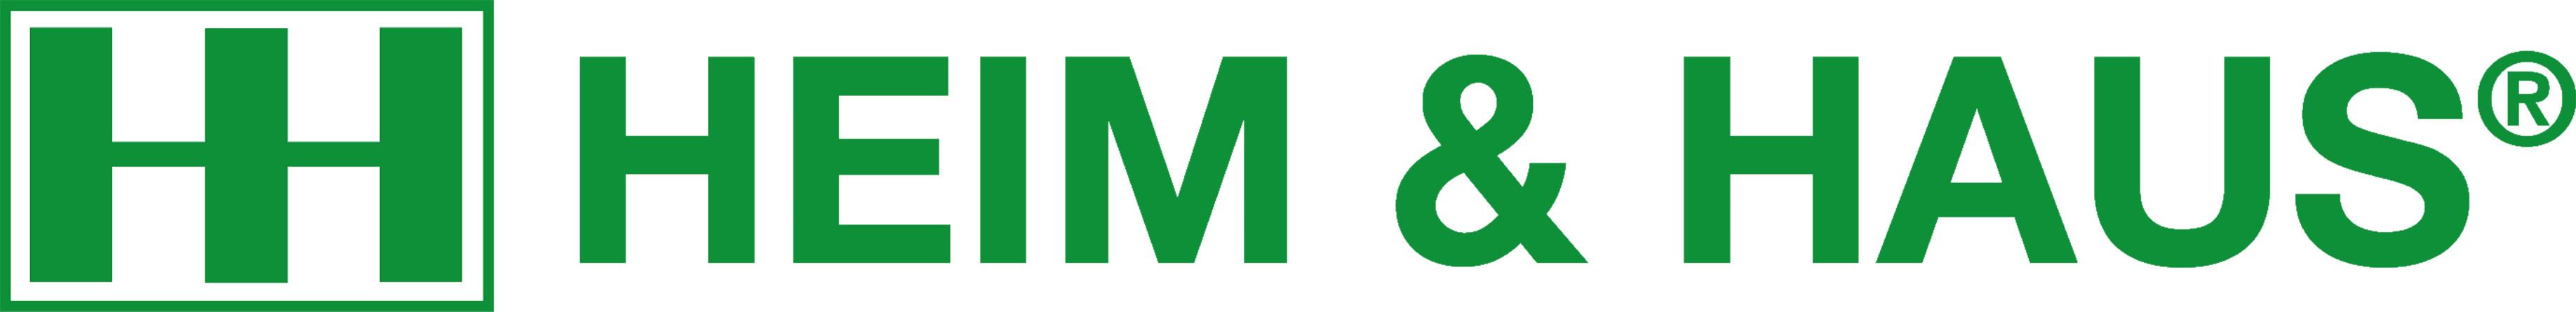 messedaten_messe_222_weblogos_heim_-_haus_produktion_u_vertriebs_gmbh.jpg